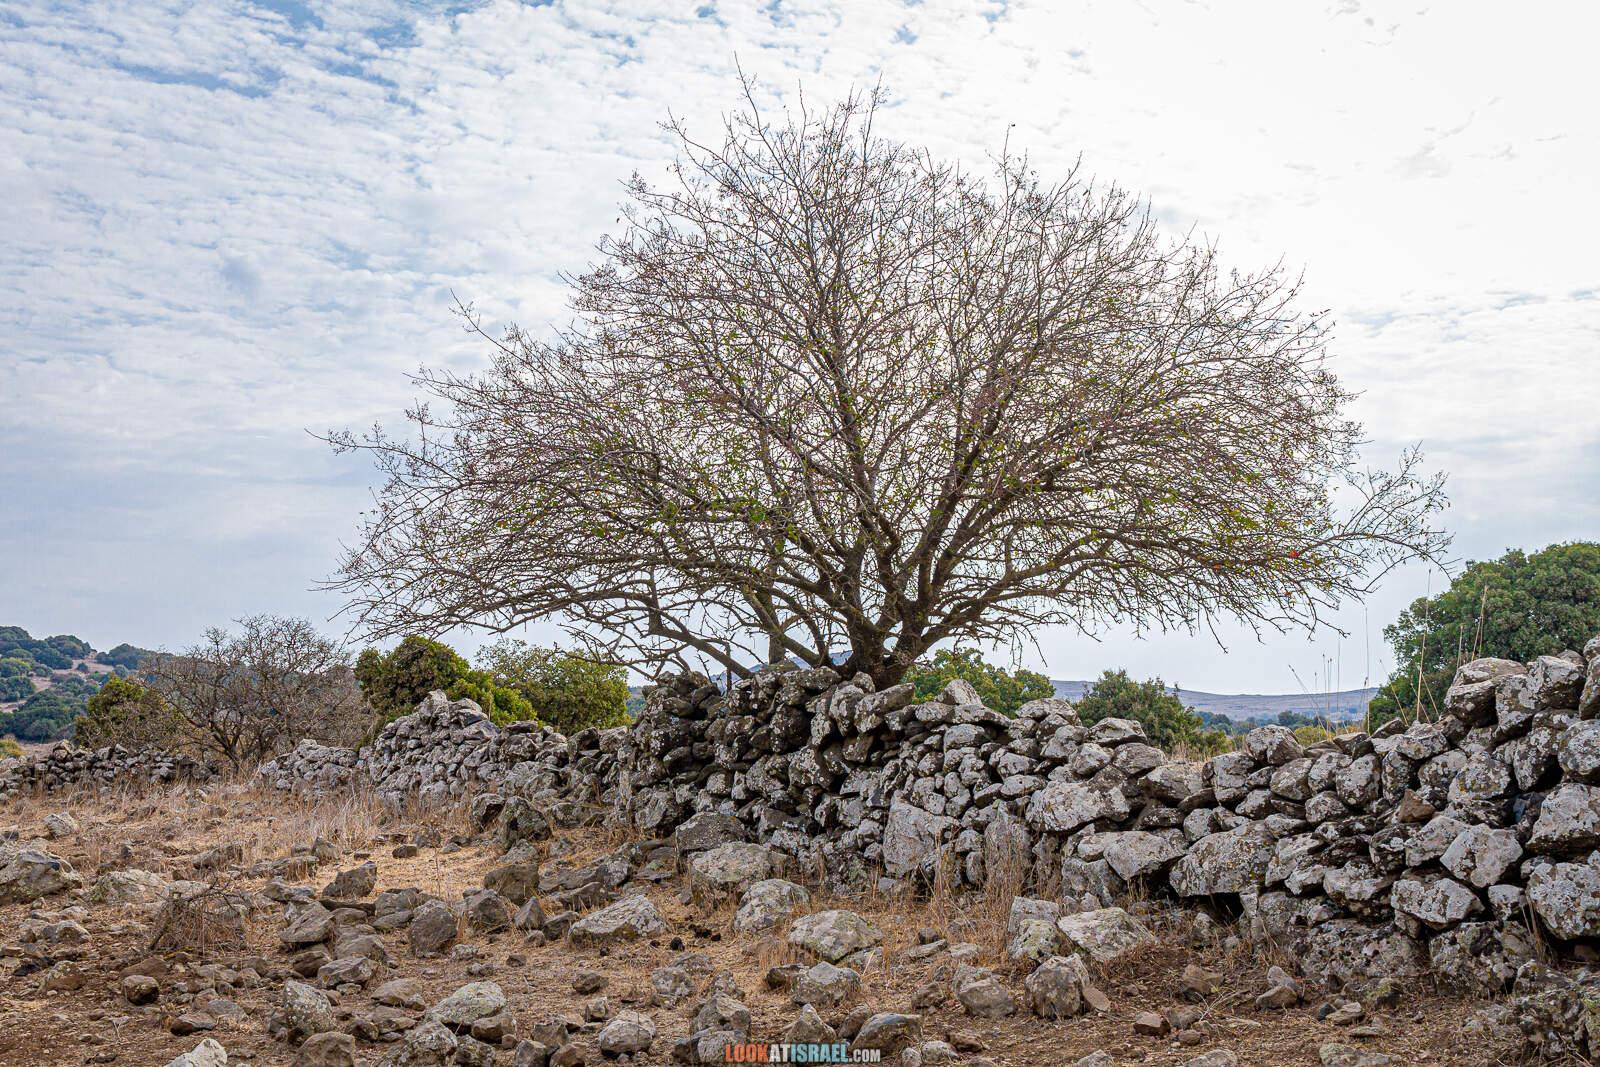 Цветение Штернбергии и Осенников на Голанских высотах | LookAtIsrael.com - Фото путешествия по Израилю